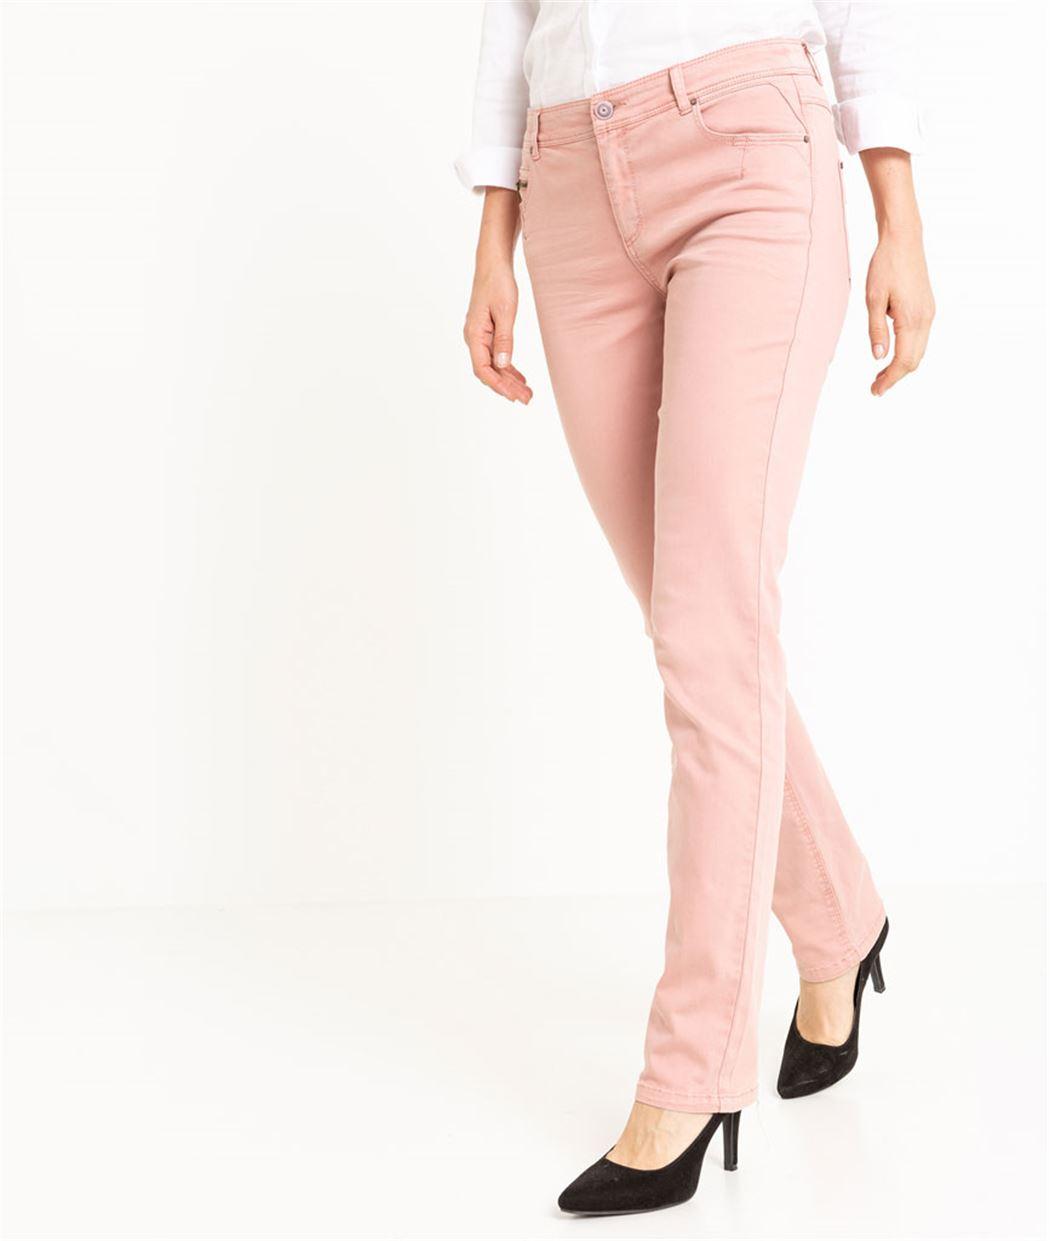 Pantalon femme droit couleur uni ROUILLE